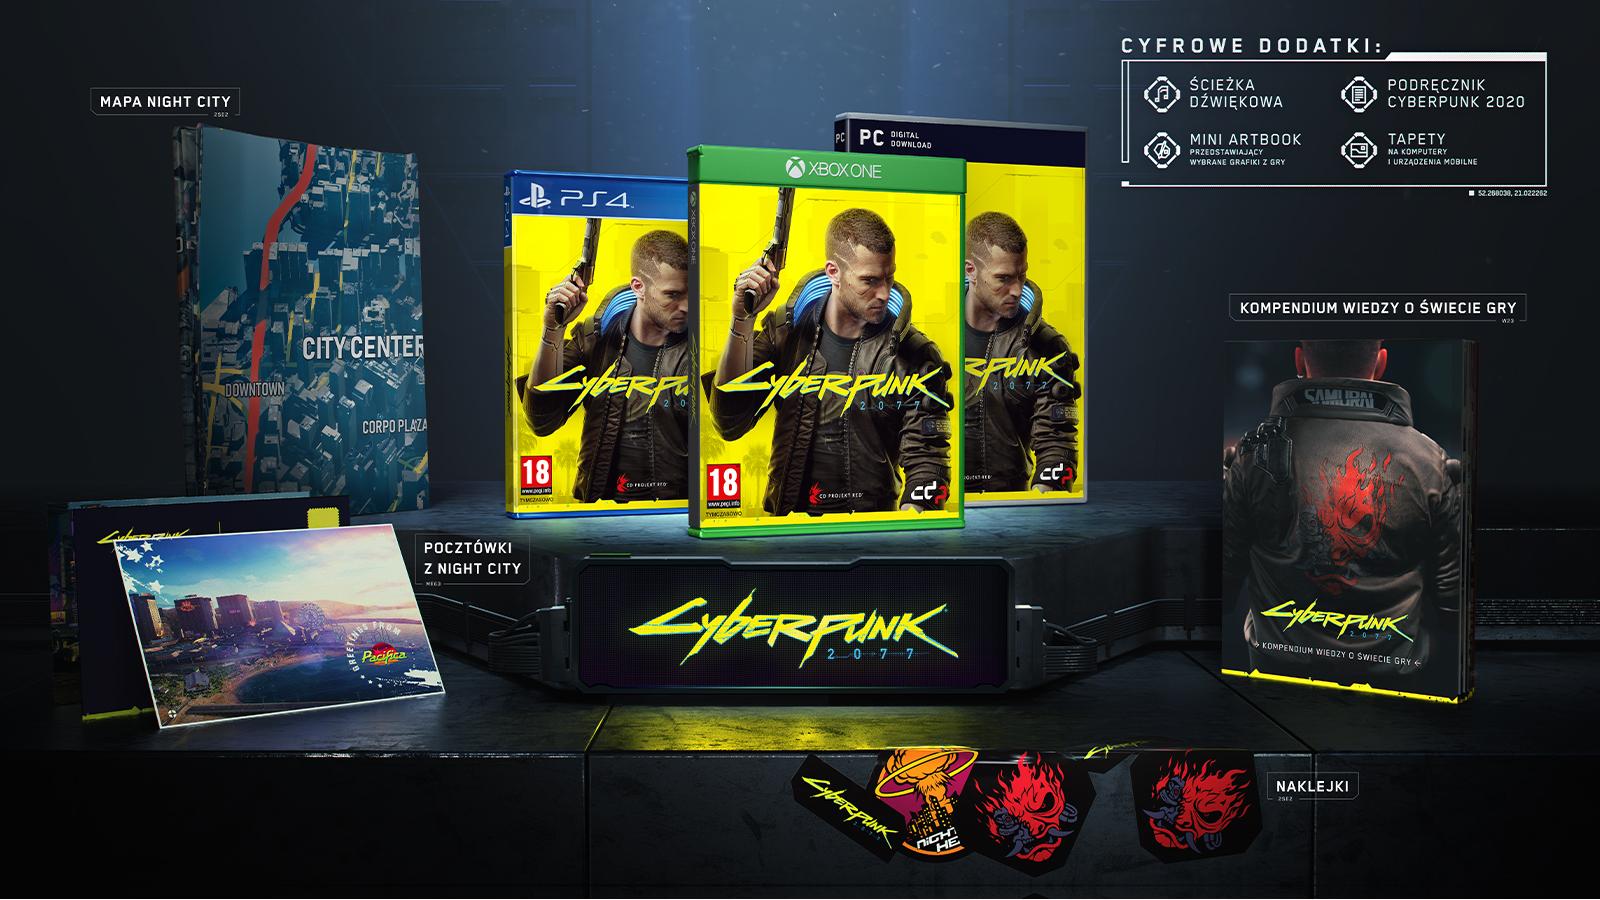 Zawartość pudełka z grą Cyberpunk 2077